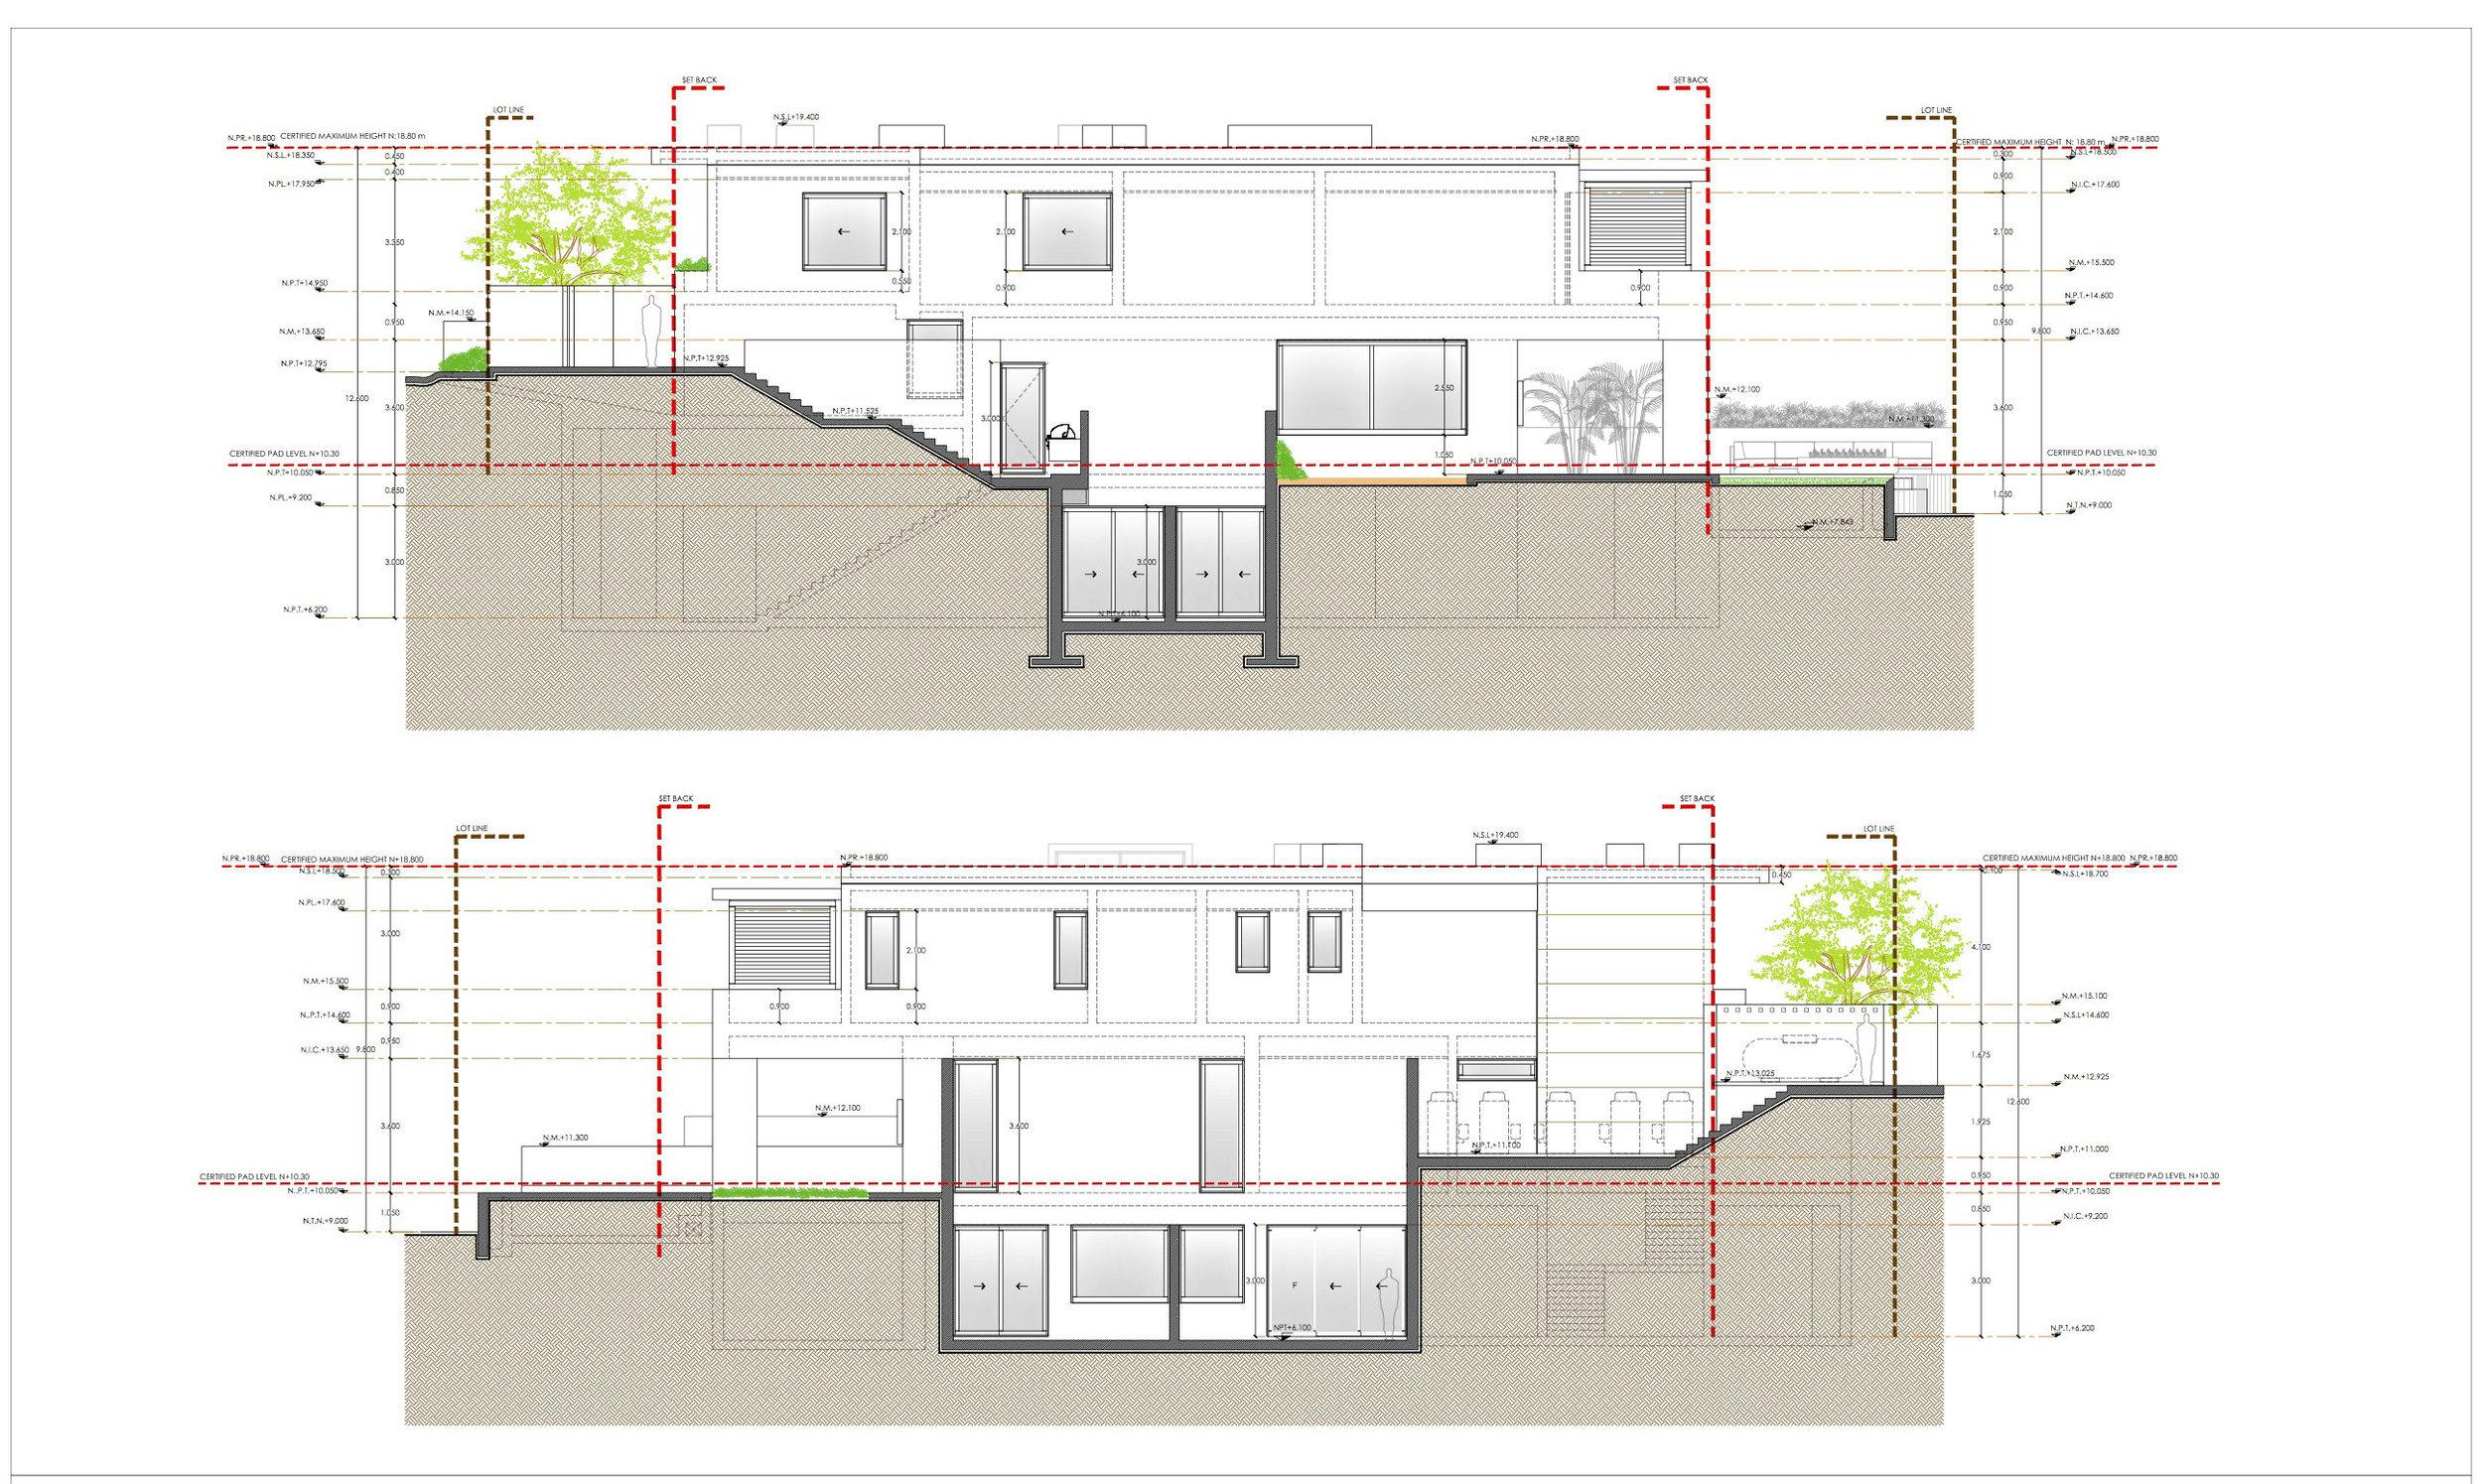 Casa Dundon - Elevation 02.jpg